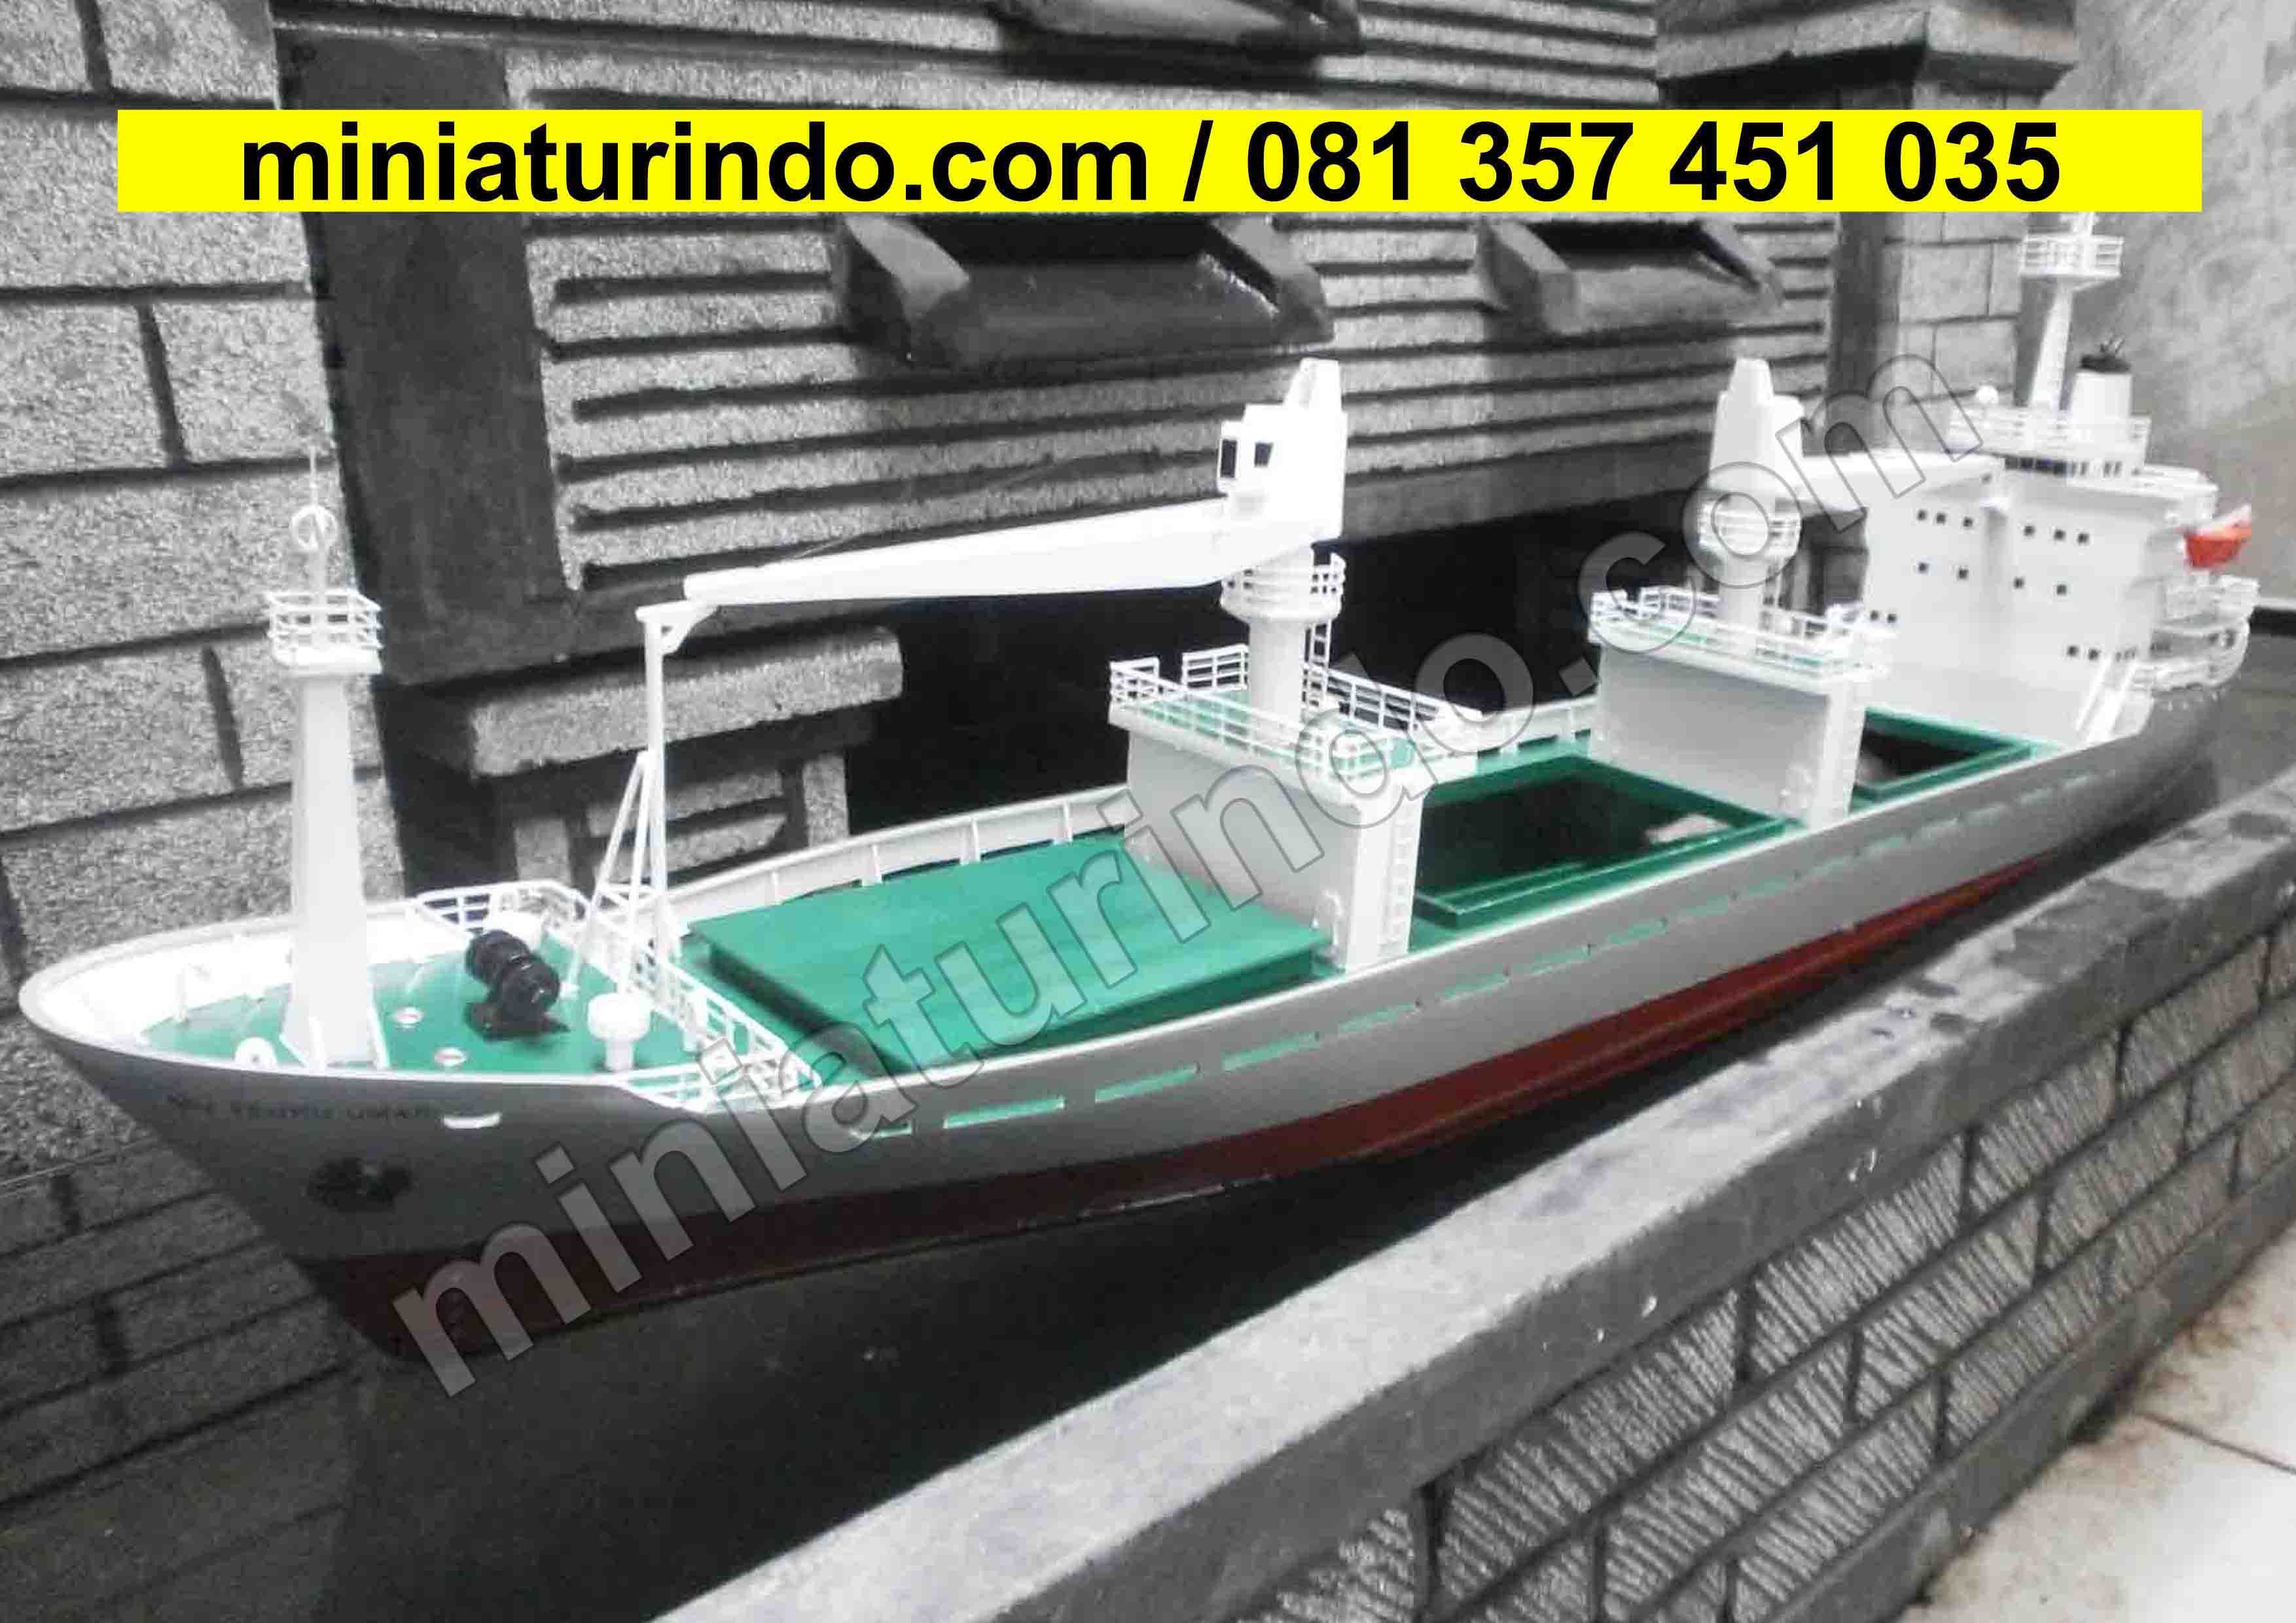 Cara Membuat Kapal Layar Dari Bambudesain Perahu Layarcara Membuat